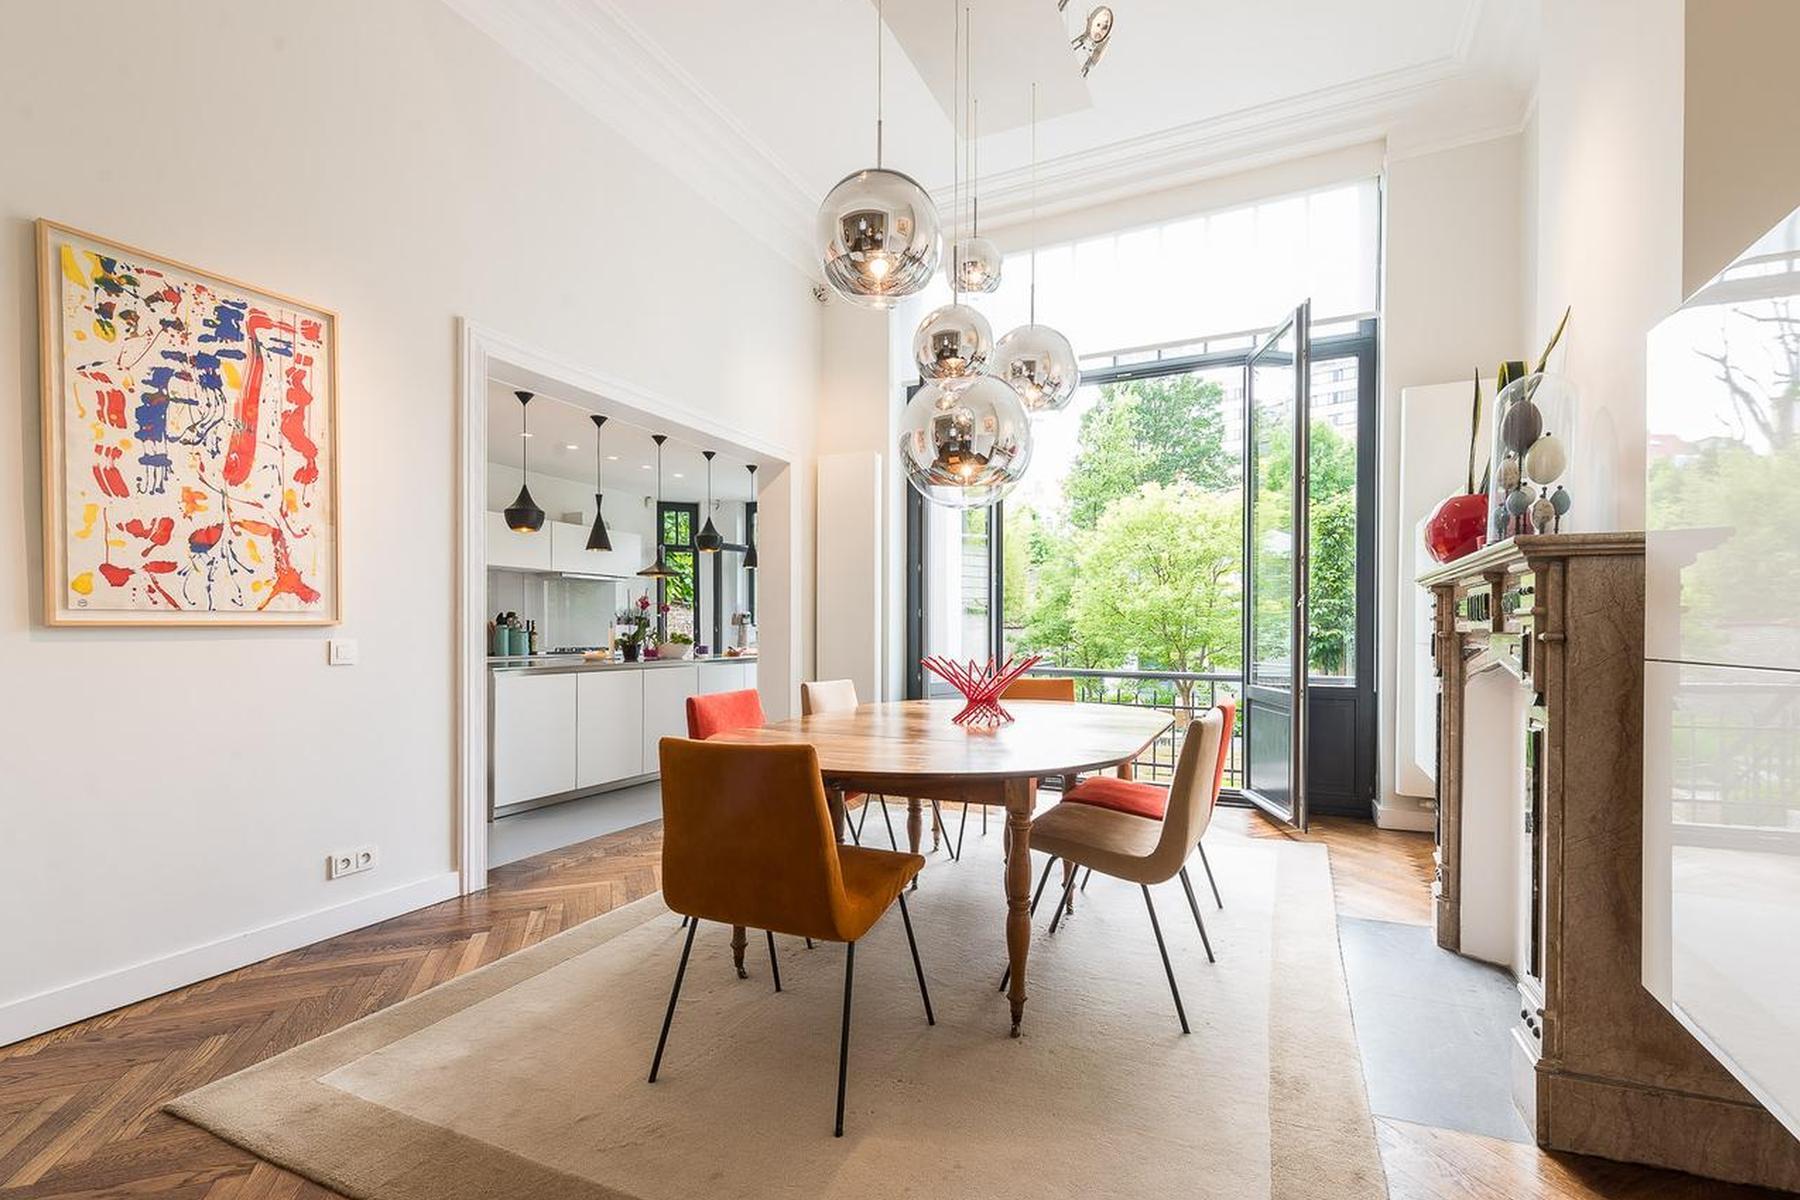 Другая жилая недвижимость для того Продажа на Ixelles I Quartier du Châtelain Ixelles, Brussels, 1050 Бельгия